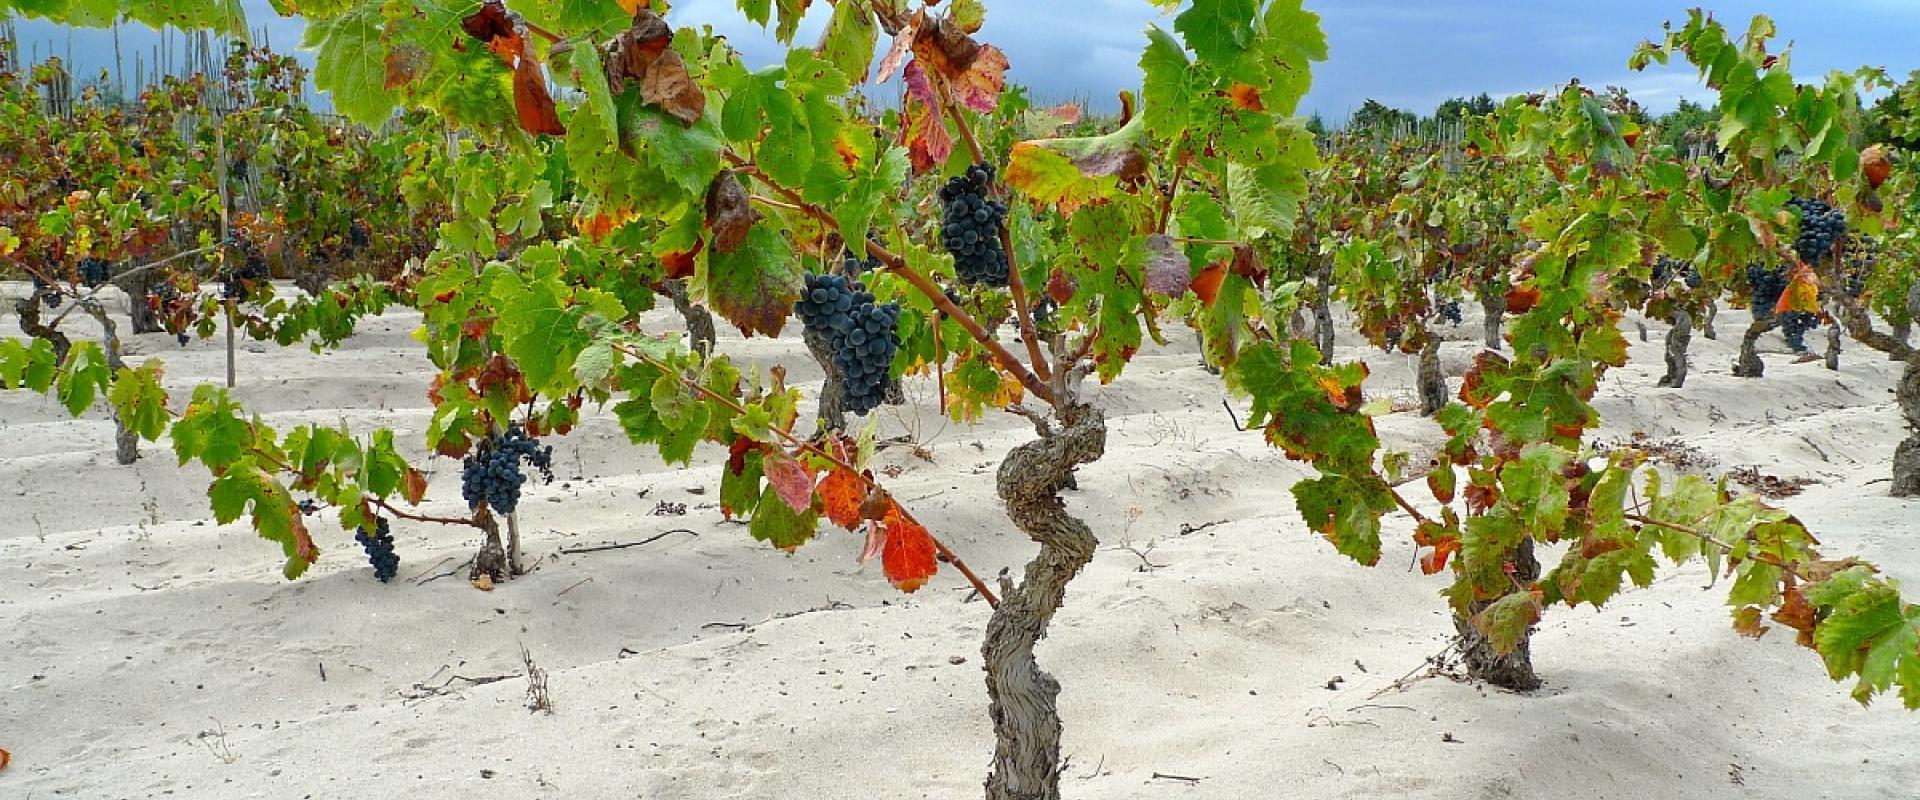 wineyard in sardinia